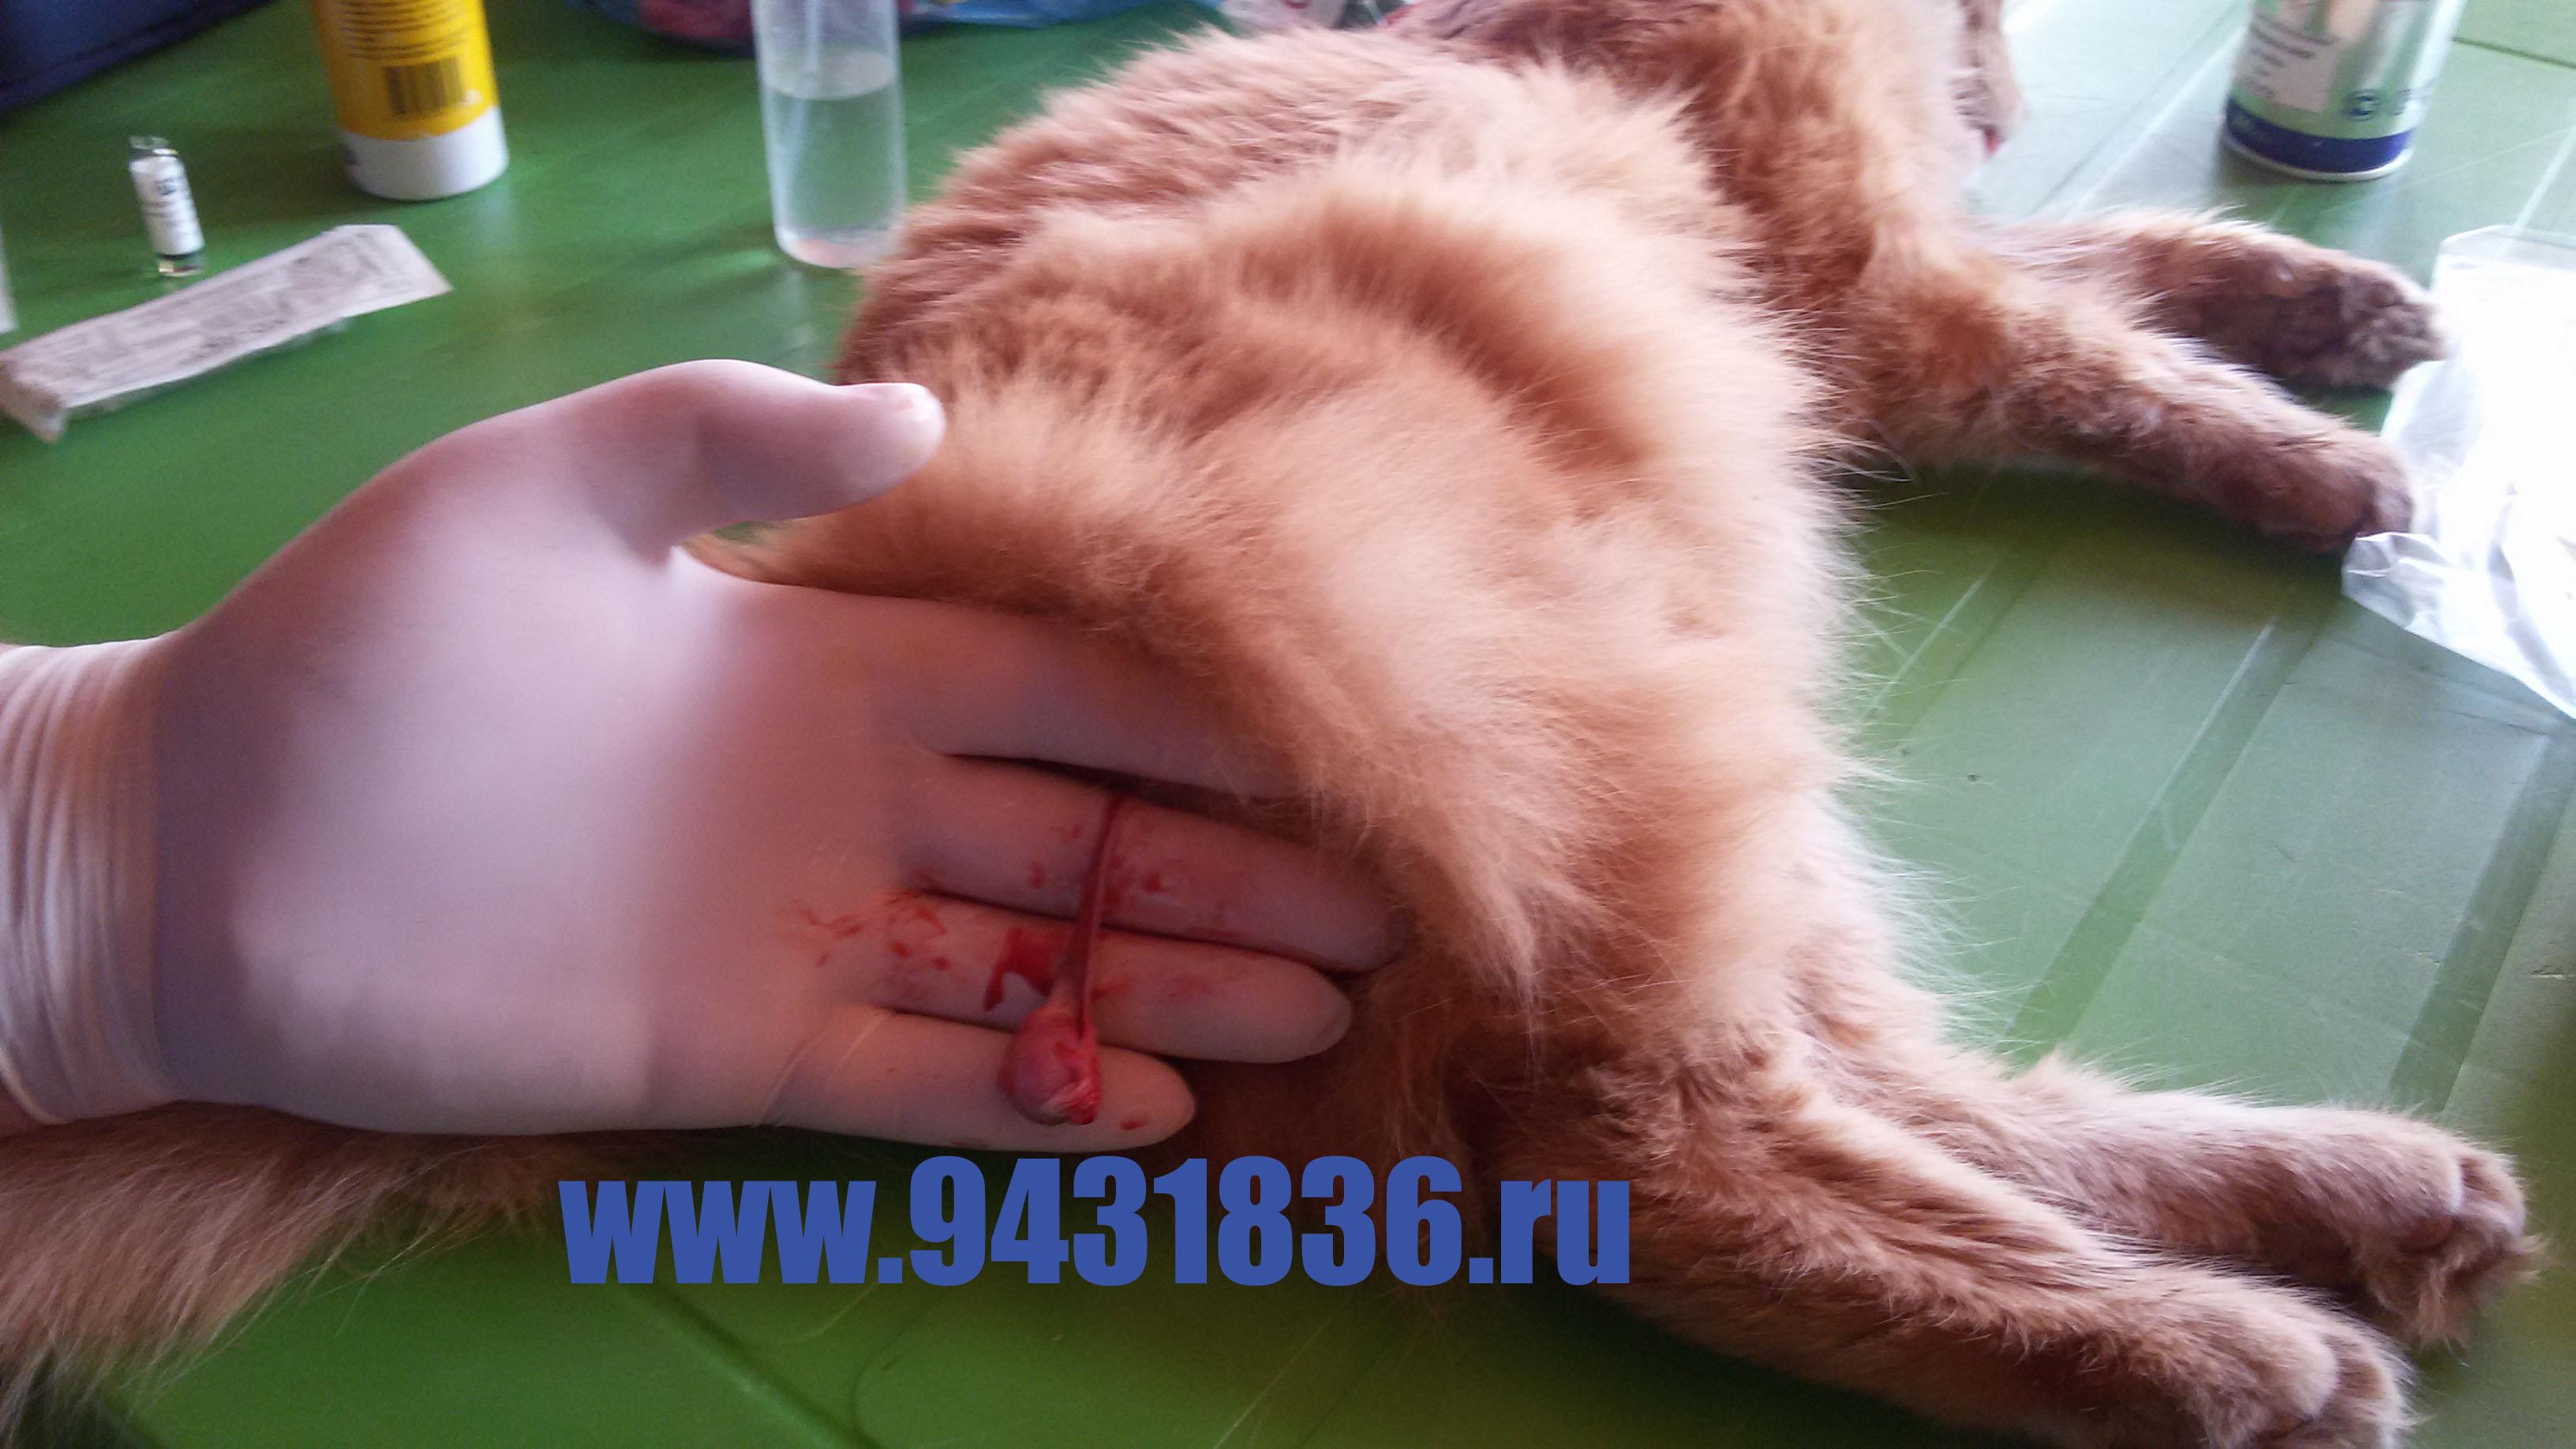 Кастрация котов своими руками 61